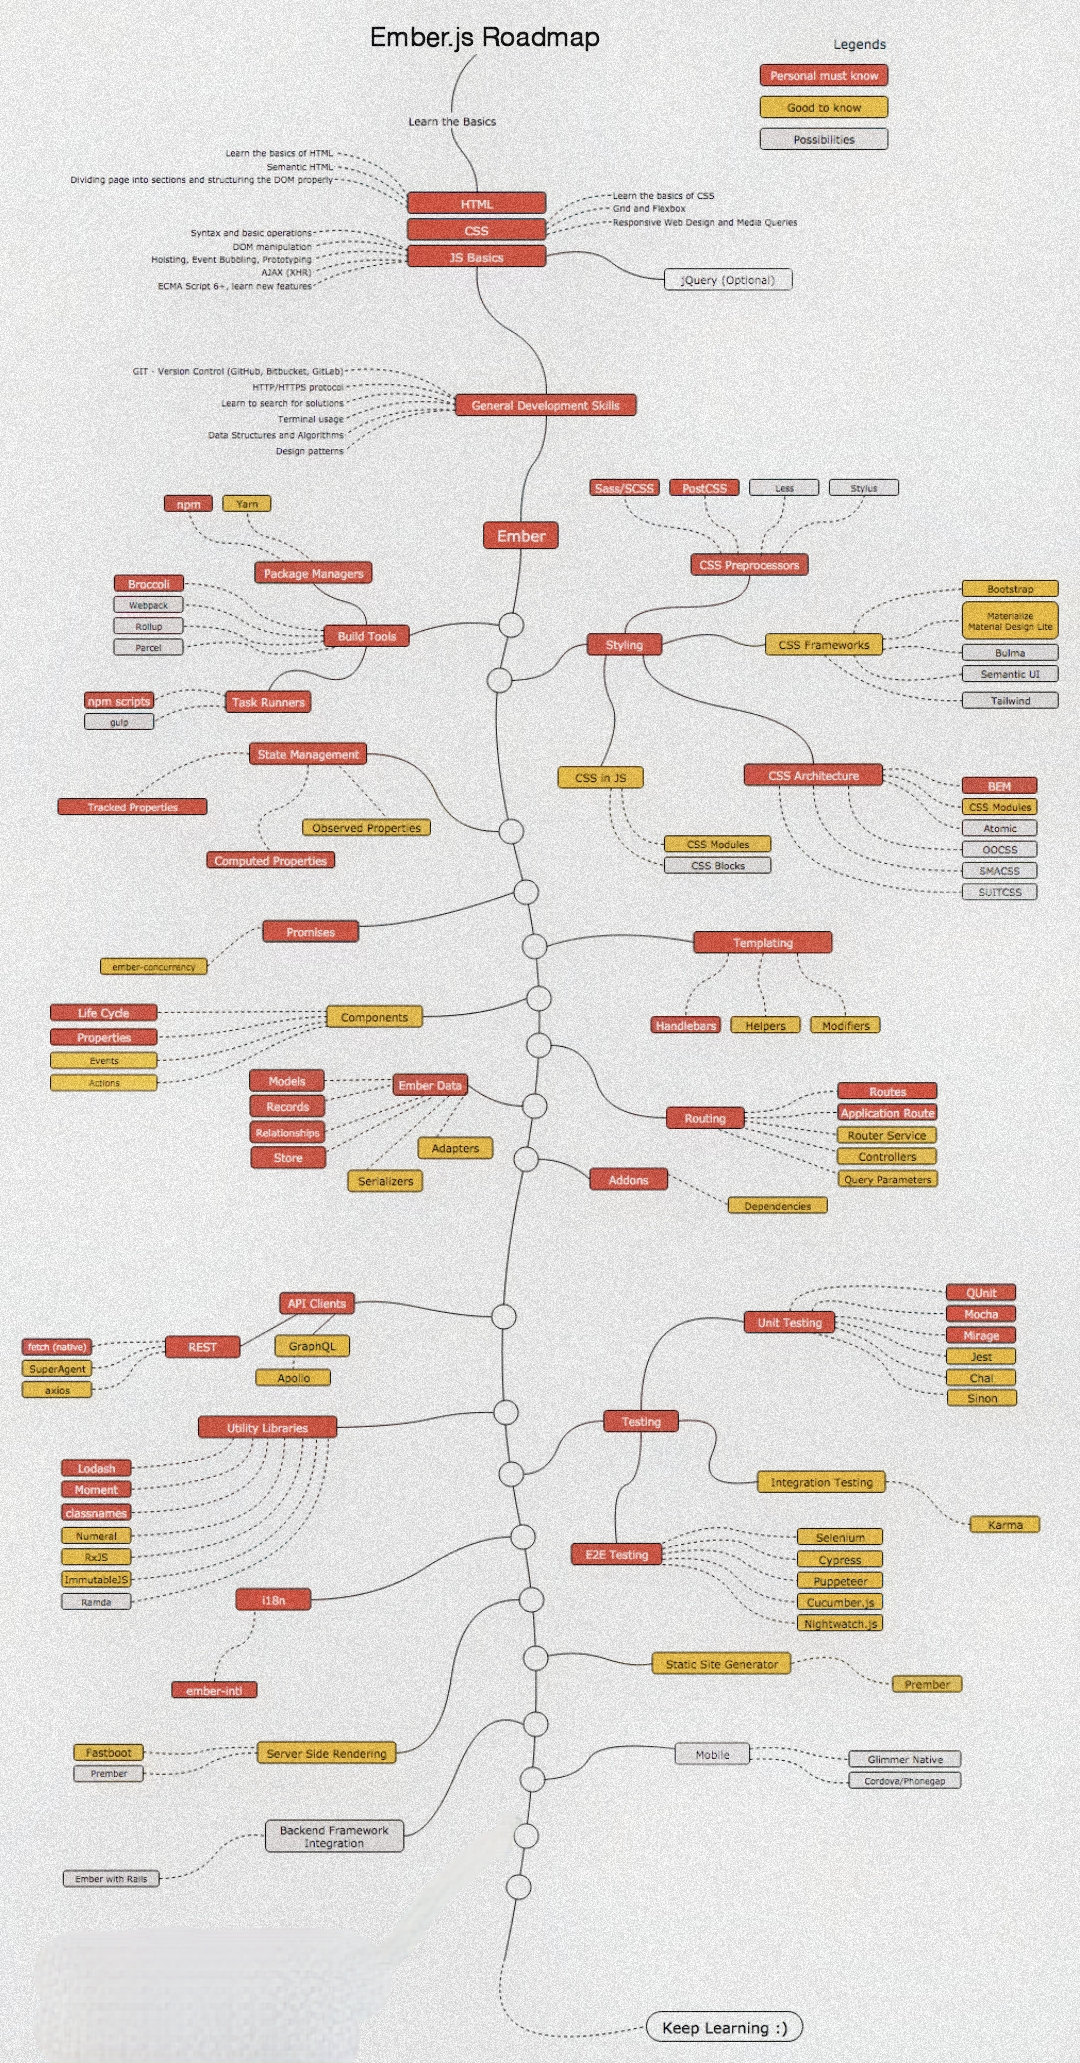 Ember Roadmap